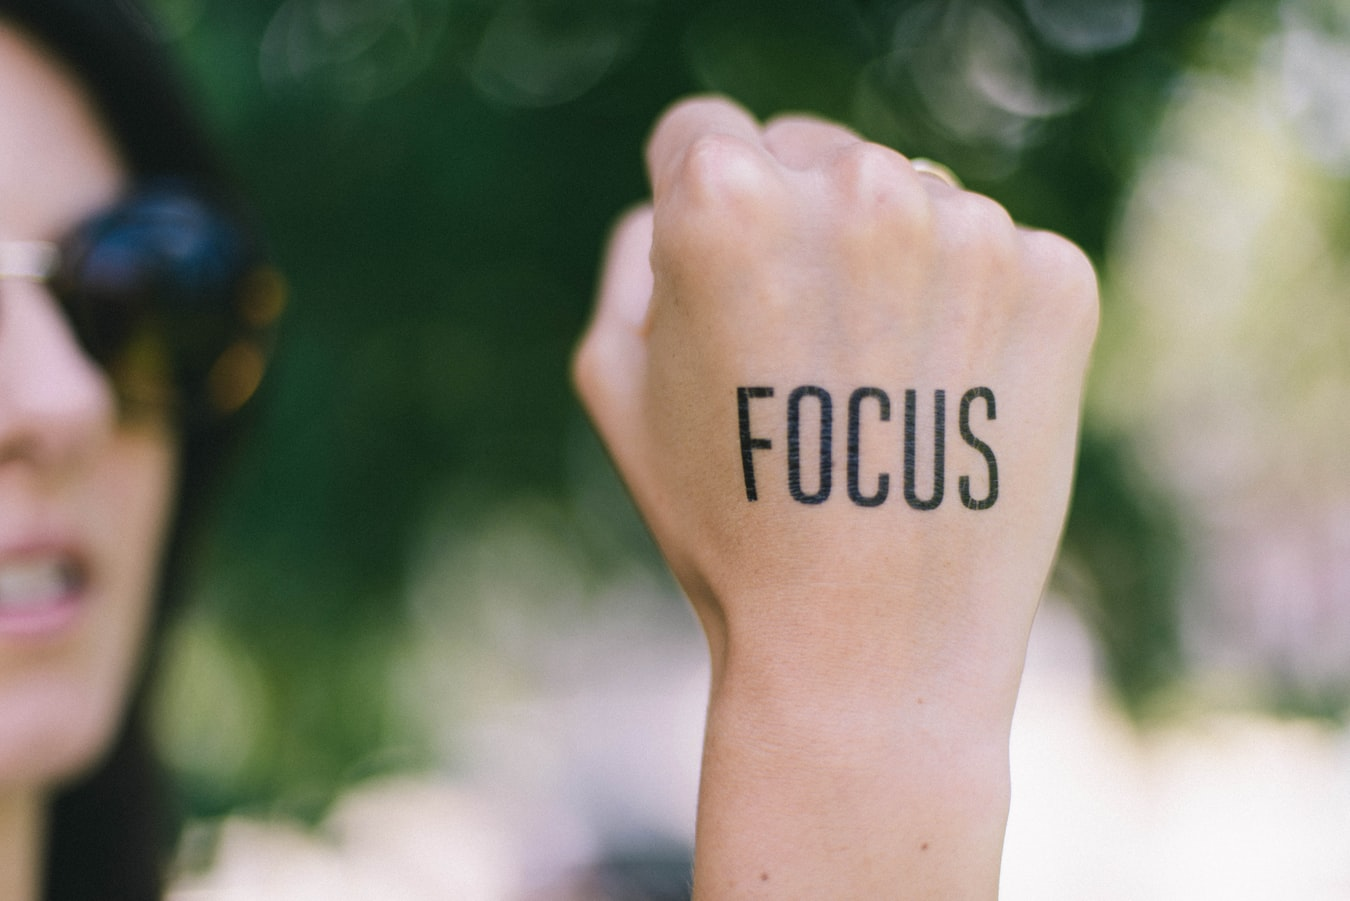 Femeie se concentreaza sa vorbeasca corect engleza avansat in timp ce tine pumnul pe care e scris Focus in aer